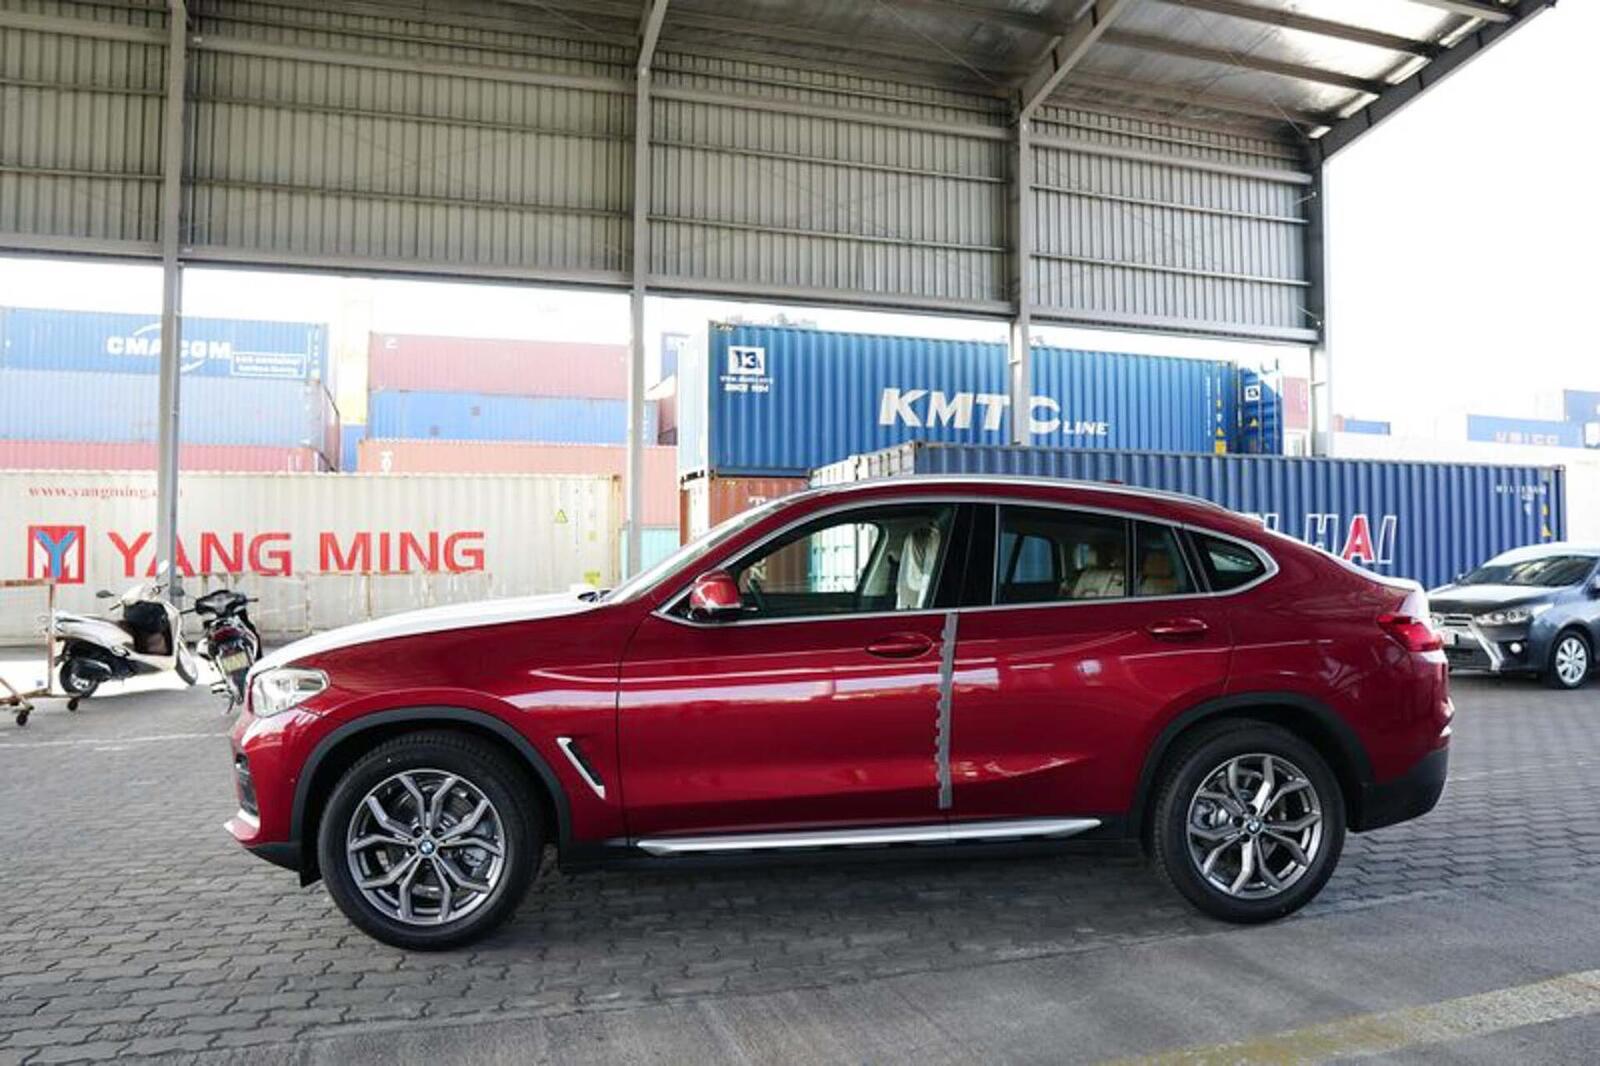 THACO đưa BMW X4 thế hệ mới về cảng; sắp sửa ra mắt; mời các bác dự đoán giá bán - Hình 2